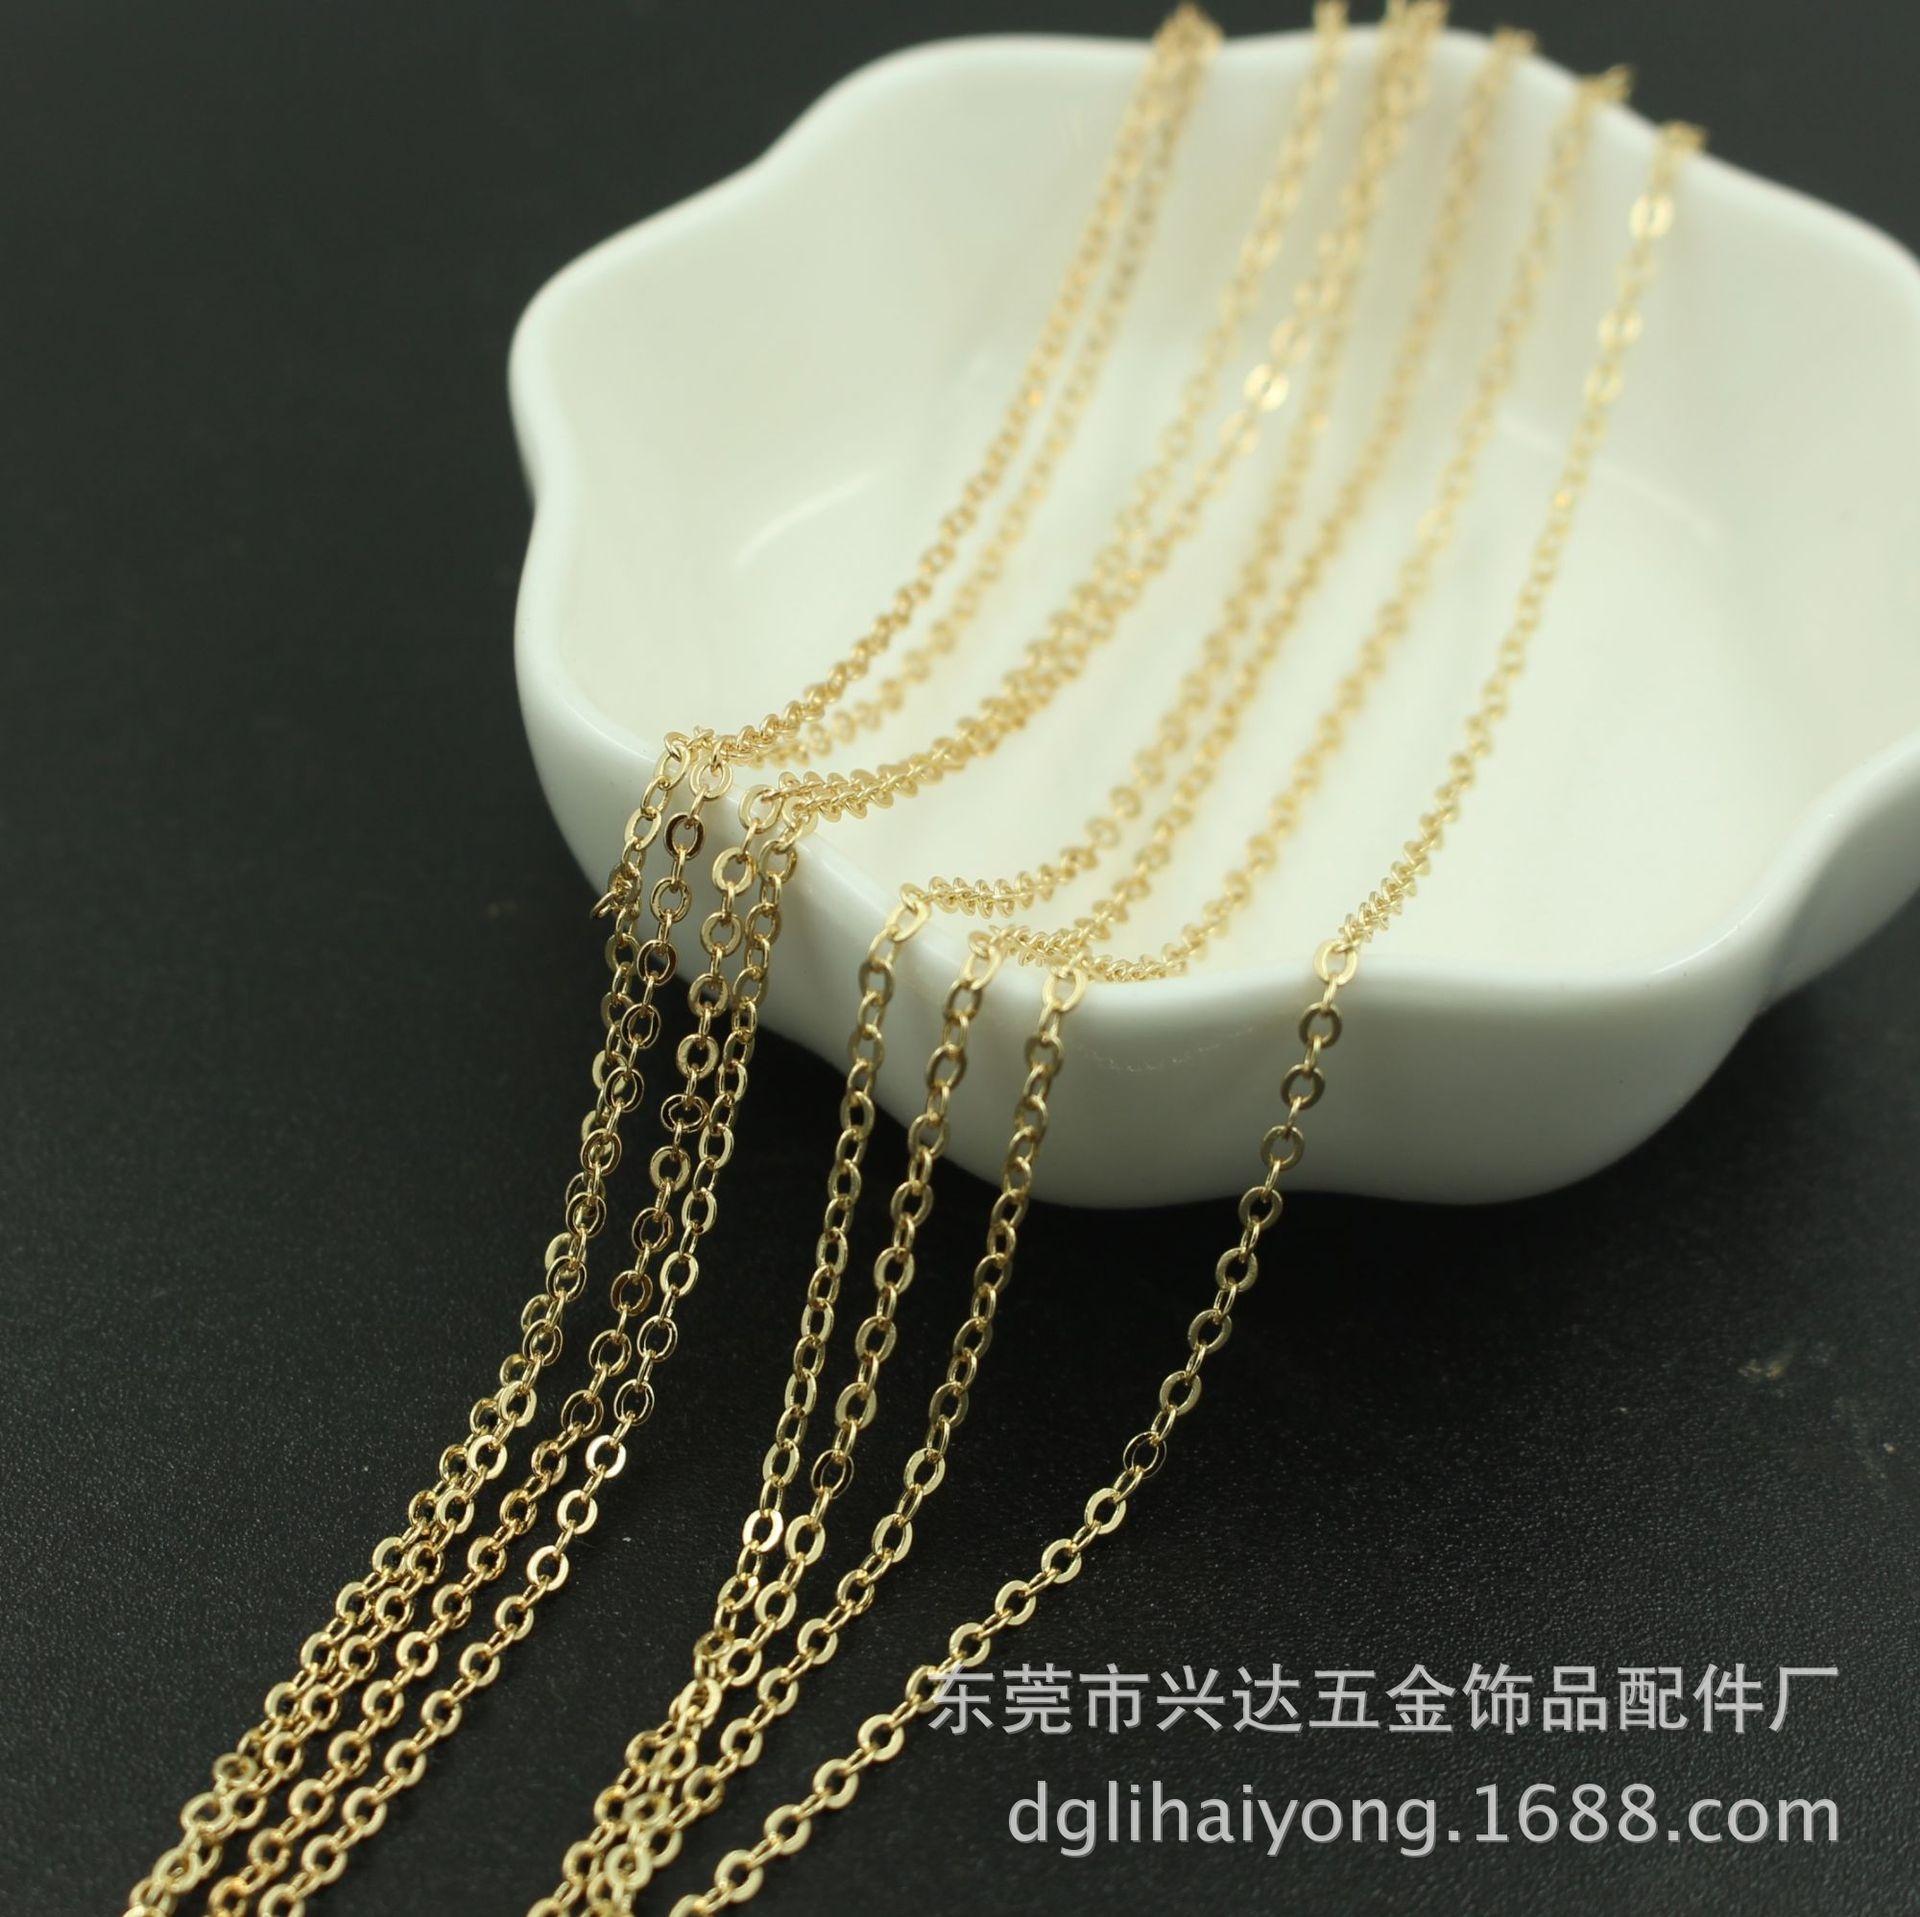 t6UA0 artesanal cor de ouro 2 / 1,5 milímetros ouro transversal hairpin de cadeia ó cor artesanais DIY achatado 2 / 1,5 milímetros achatada DIY acessórios Accessorie ZQvN5